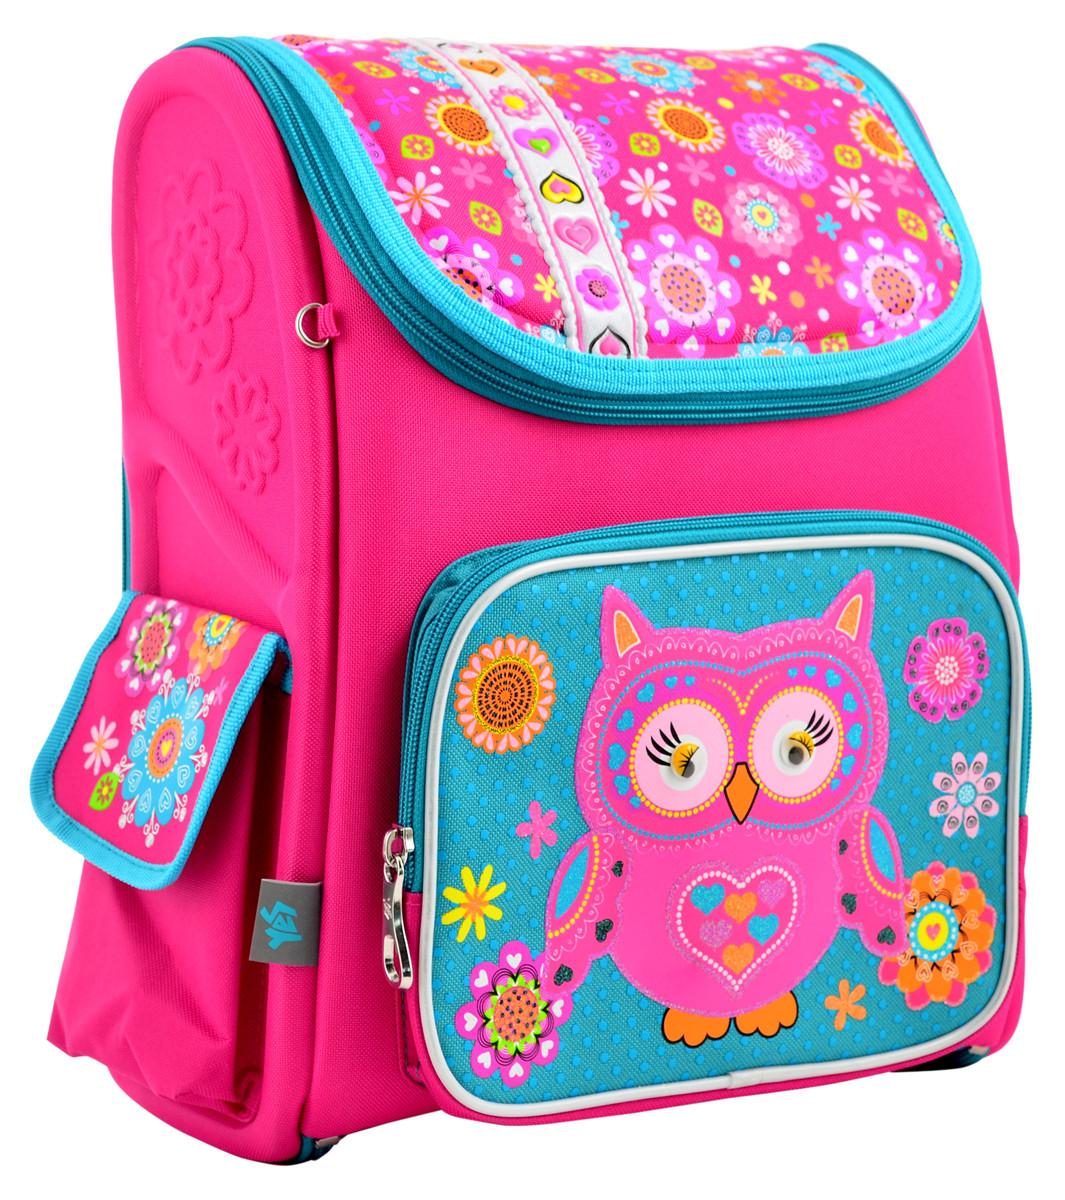 Рюкзак школьный ортопедический каркасный 1 Вересня H-17 Owl, 34.5*28*13.5 код: 555100